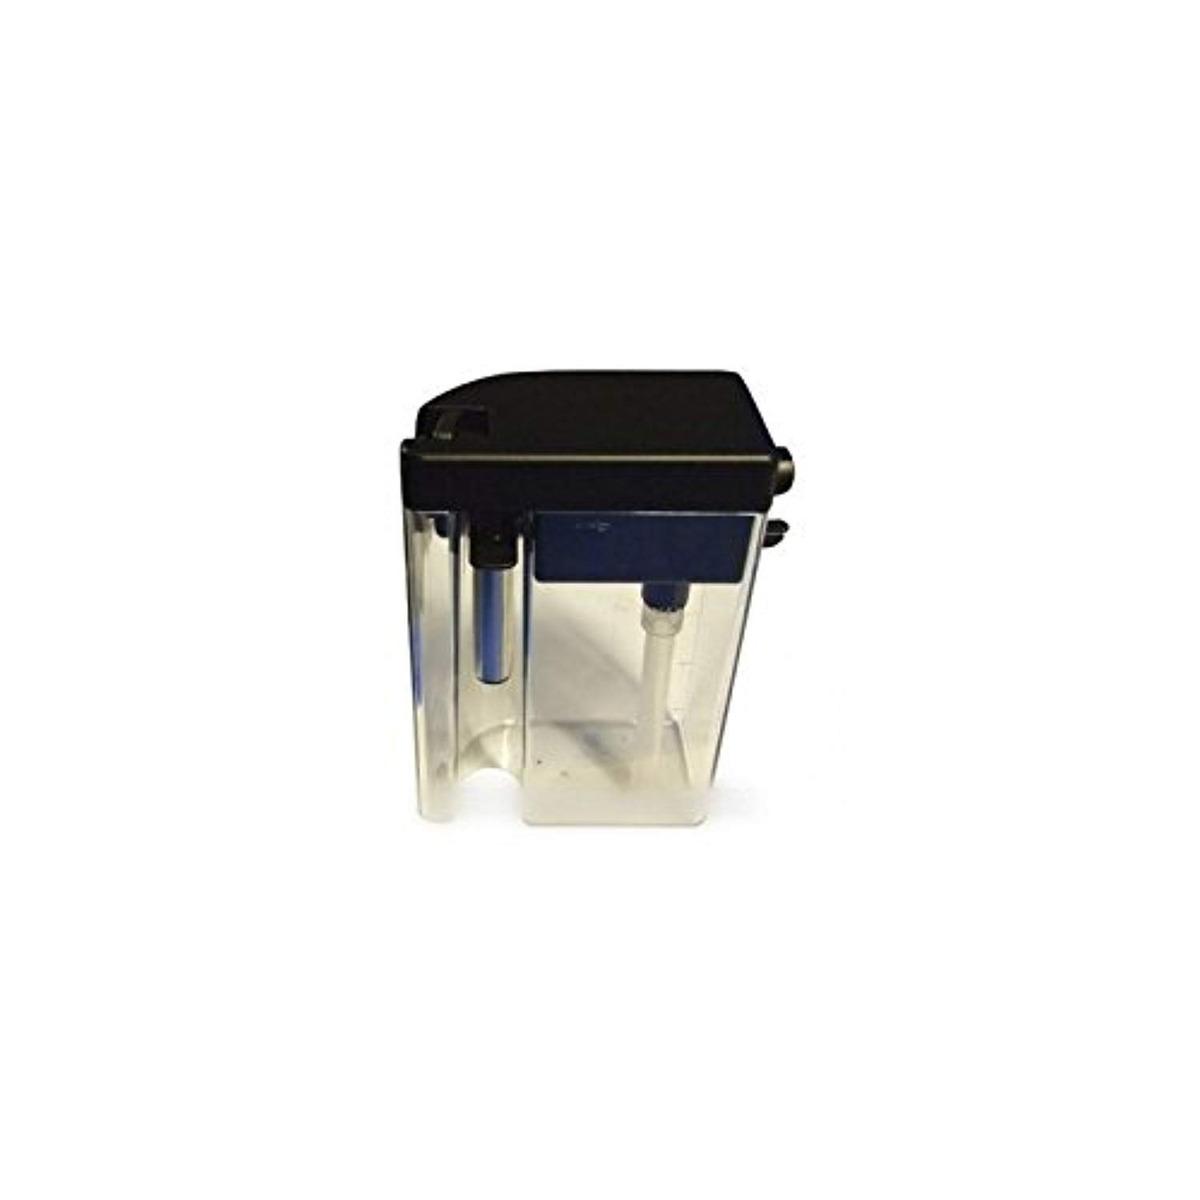 KRUPS MS-0001435 Espresso Filter Basket 2-4 Tspn